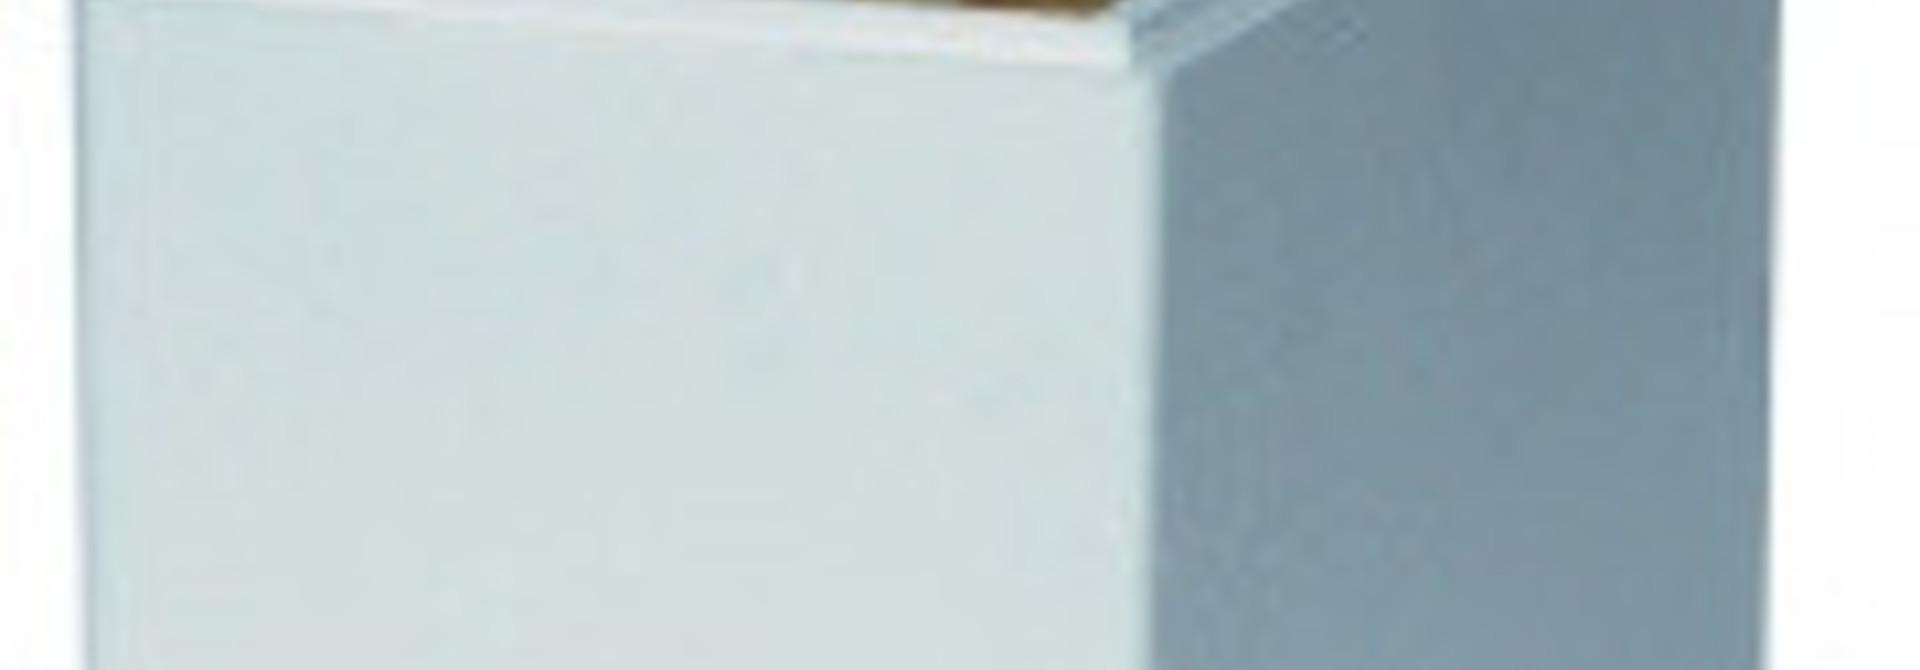 Dadant Blatt afleggerkast (styropor) - 6 ramen